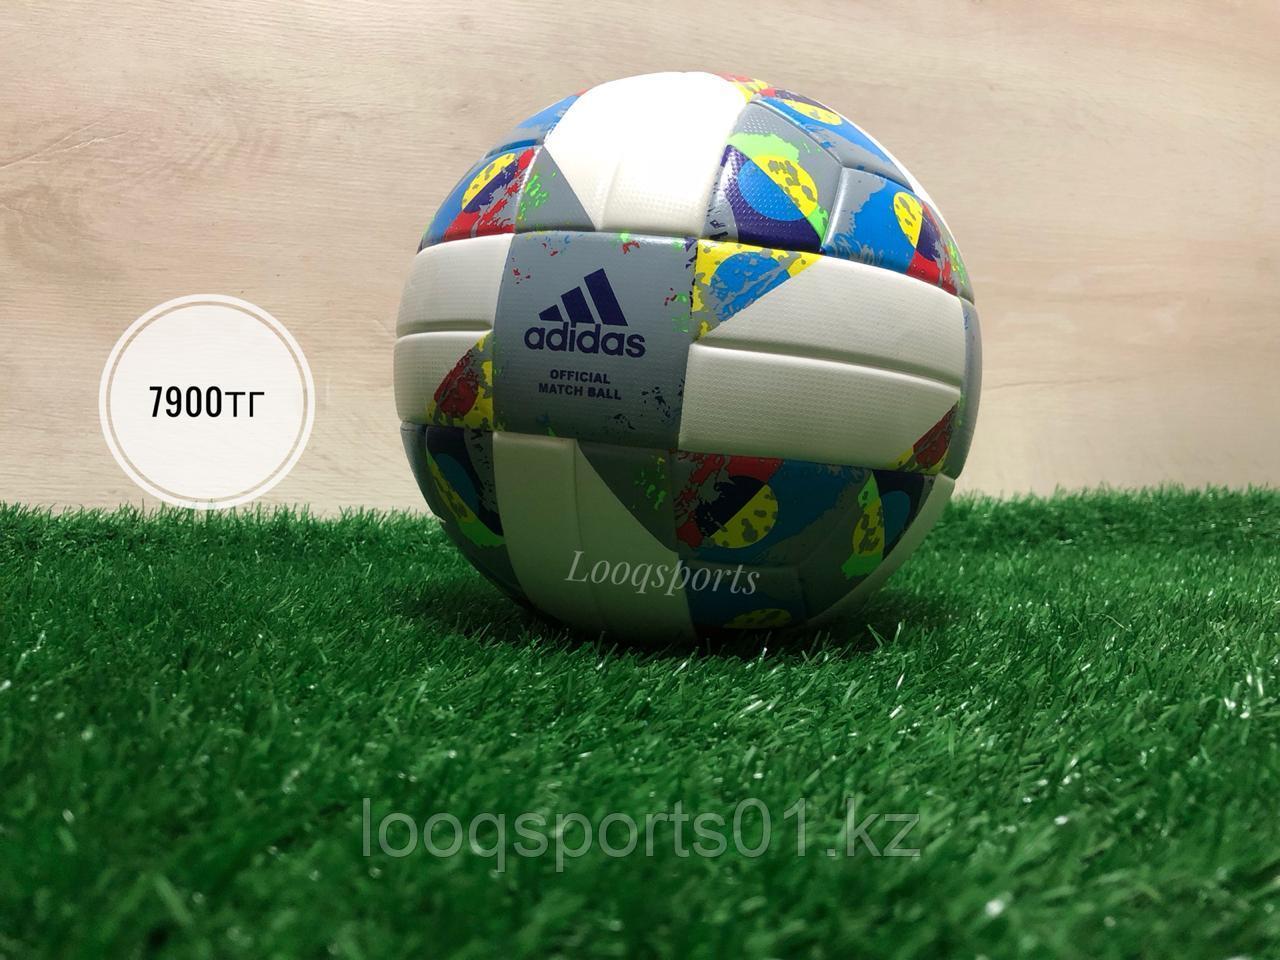 Футбольный мяч Adidas размер 5